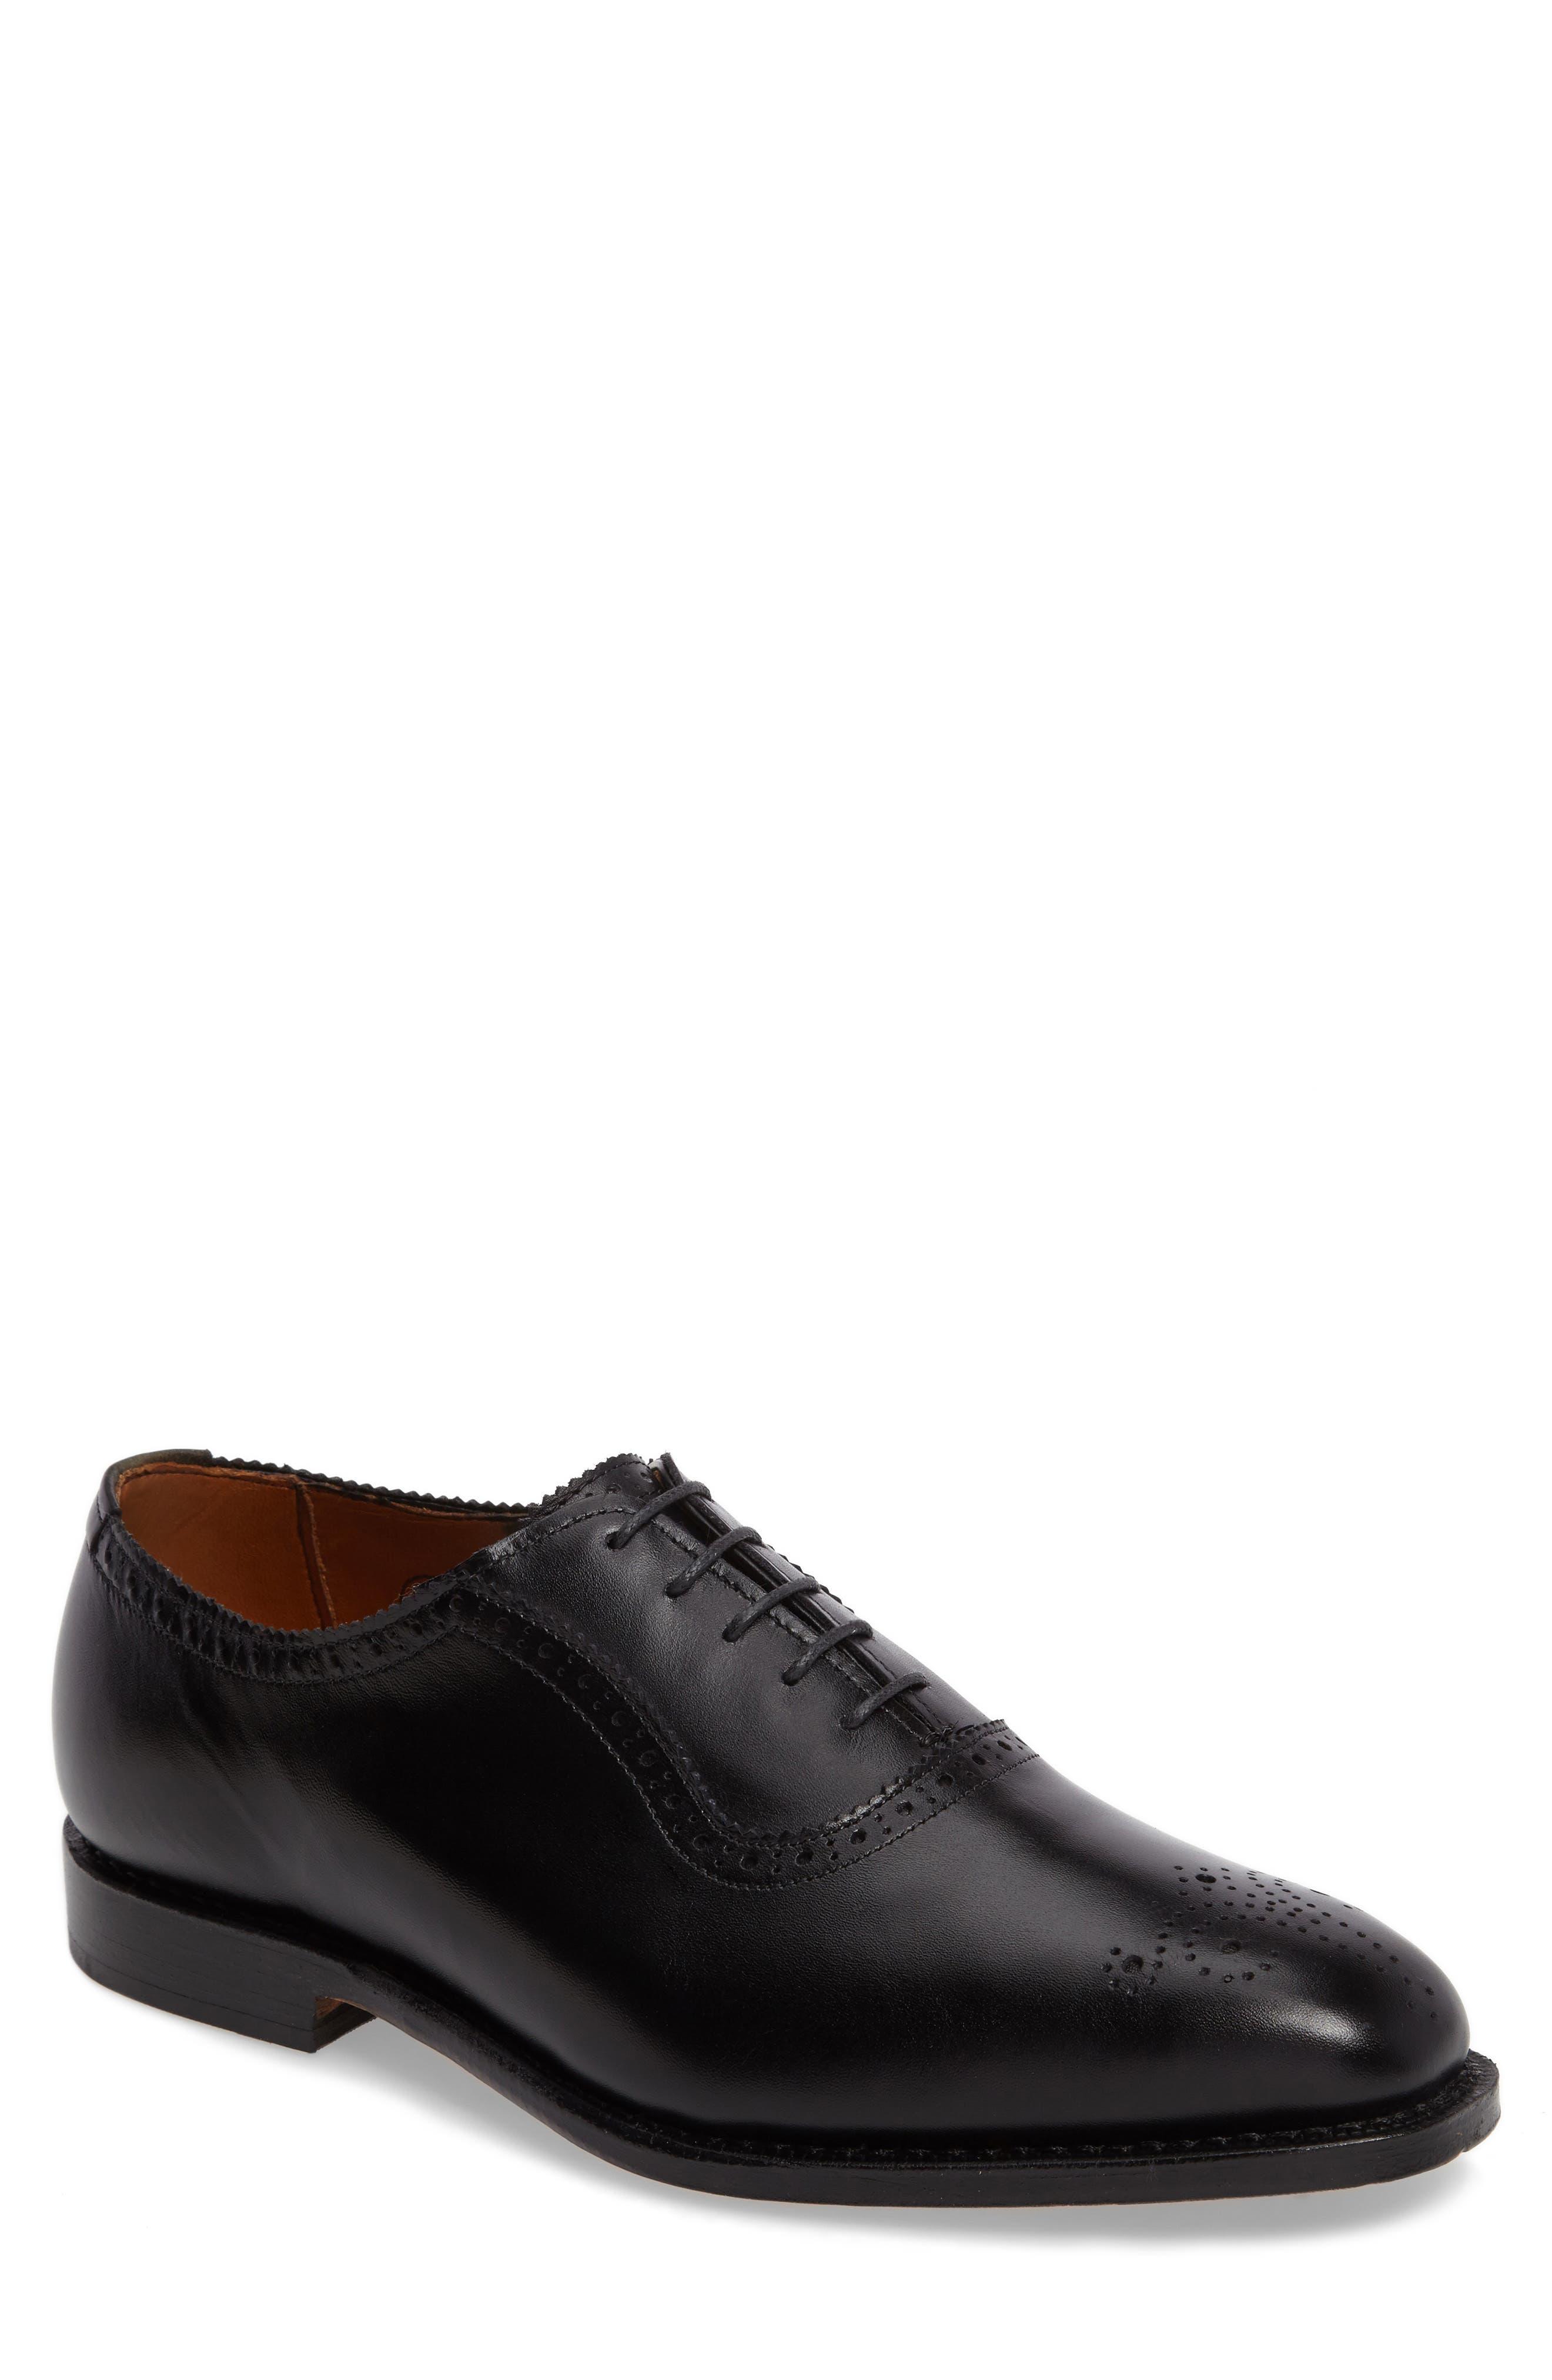 Shop Mens Oxfords Pierro Shoes